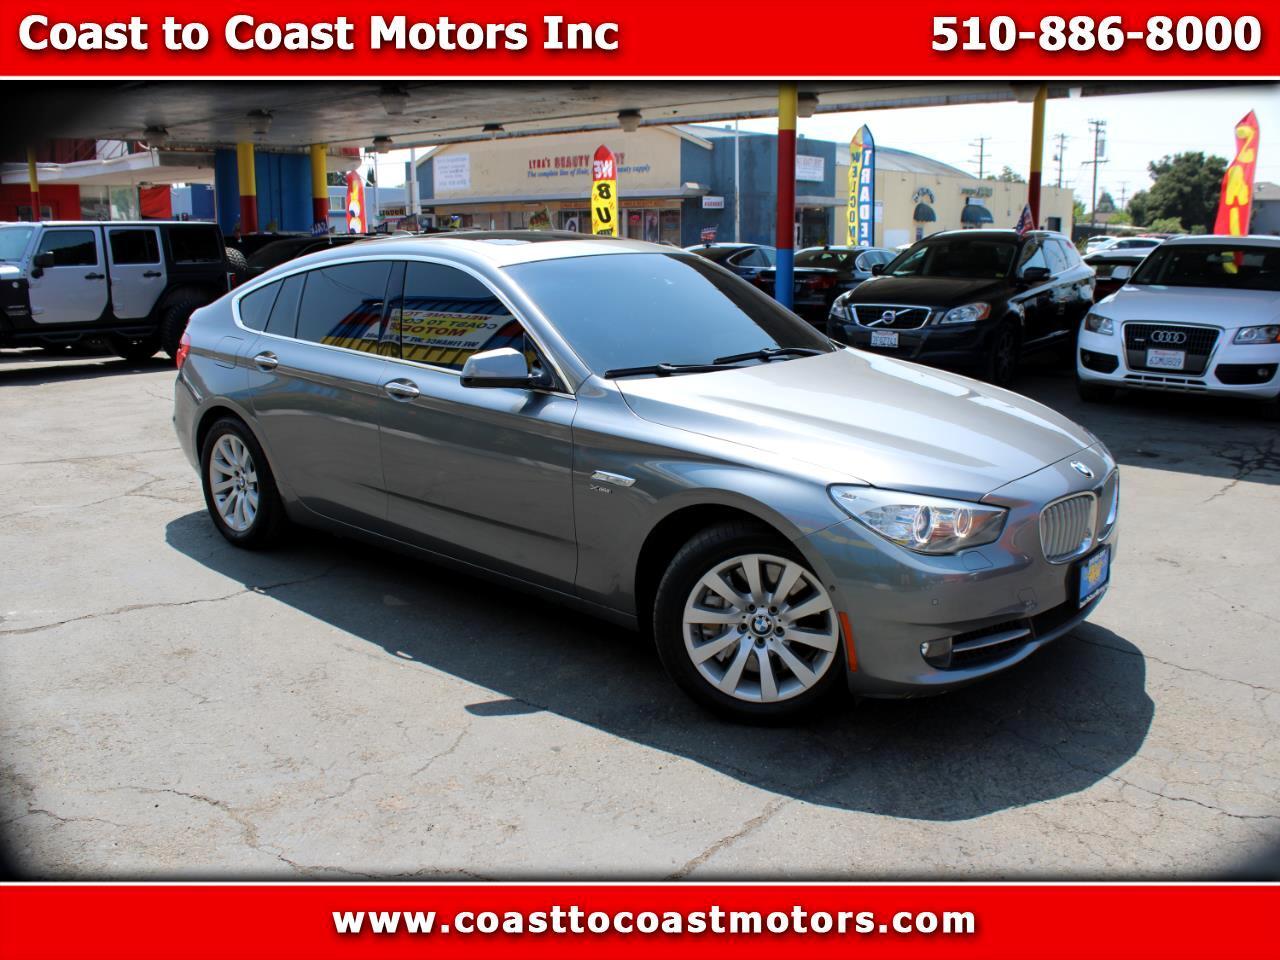 BMW 5 Series Gran Turismo 5dr 550i xDrive Gran Turismo AWD 2011